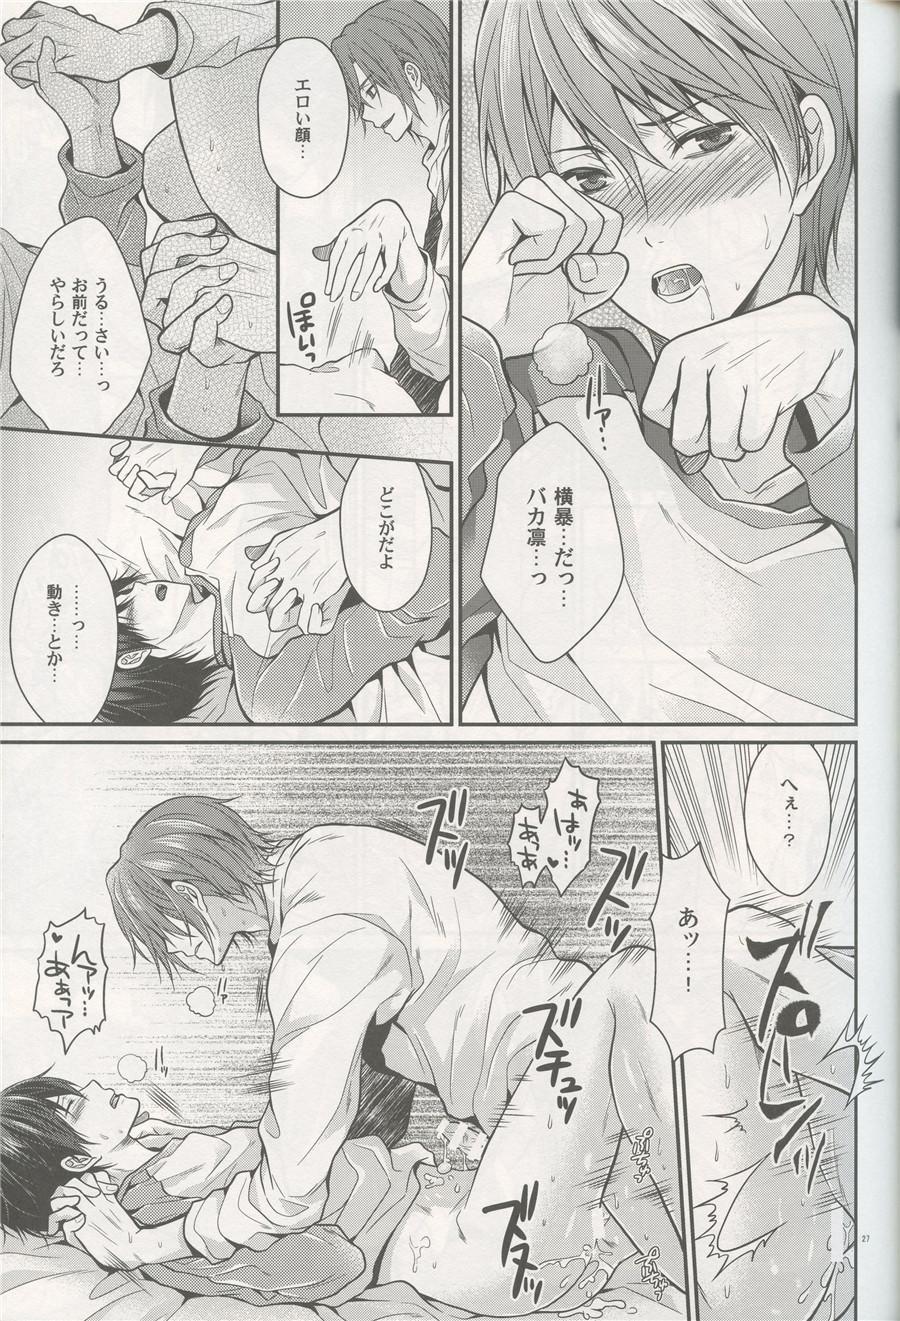 Aitsu no Yome Skill ga Takasugirundaga. 25